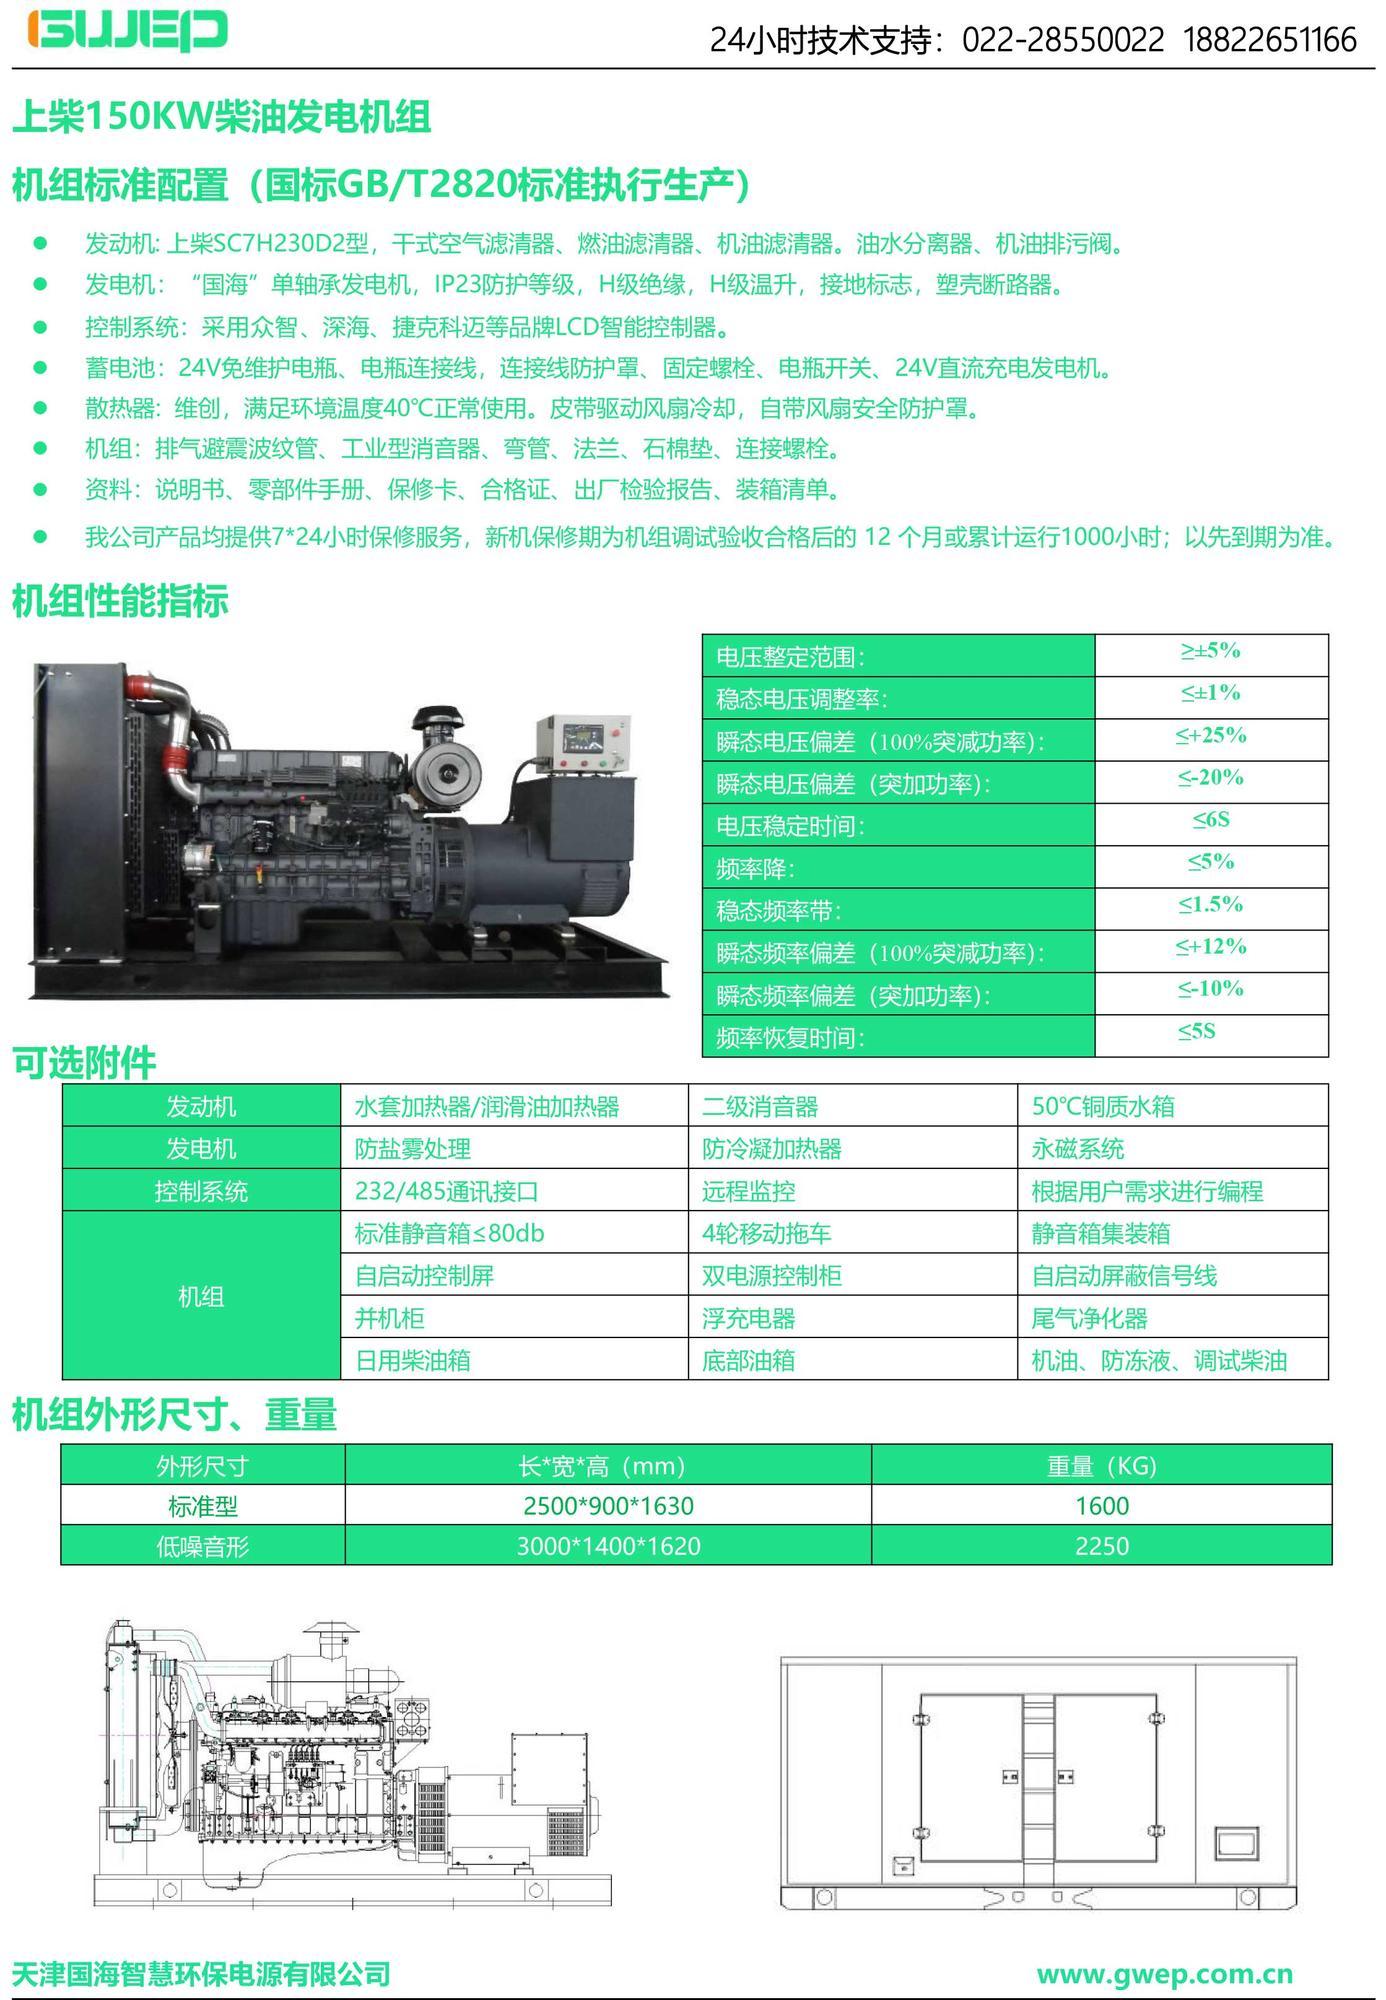 上柴150KW发电机组技术资料-1.jpg